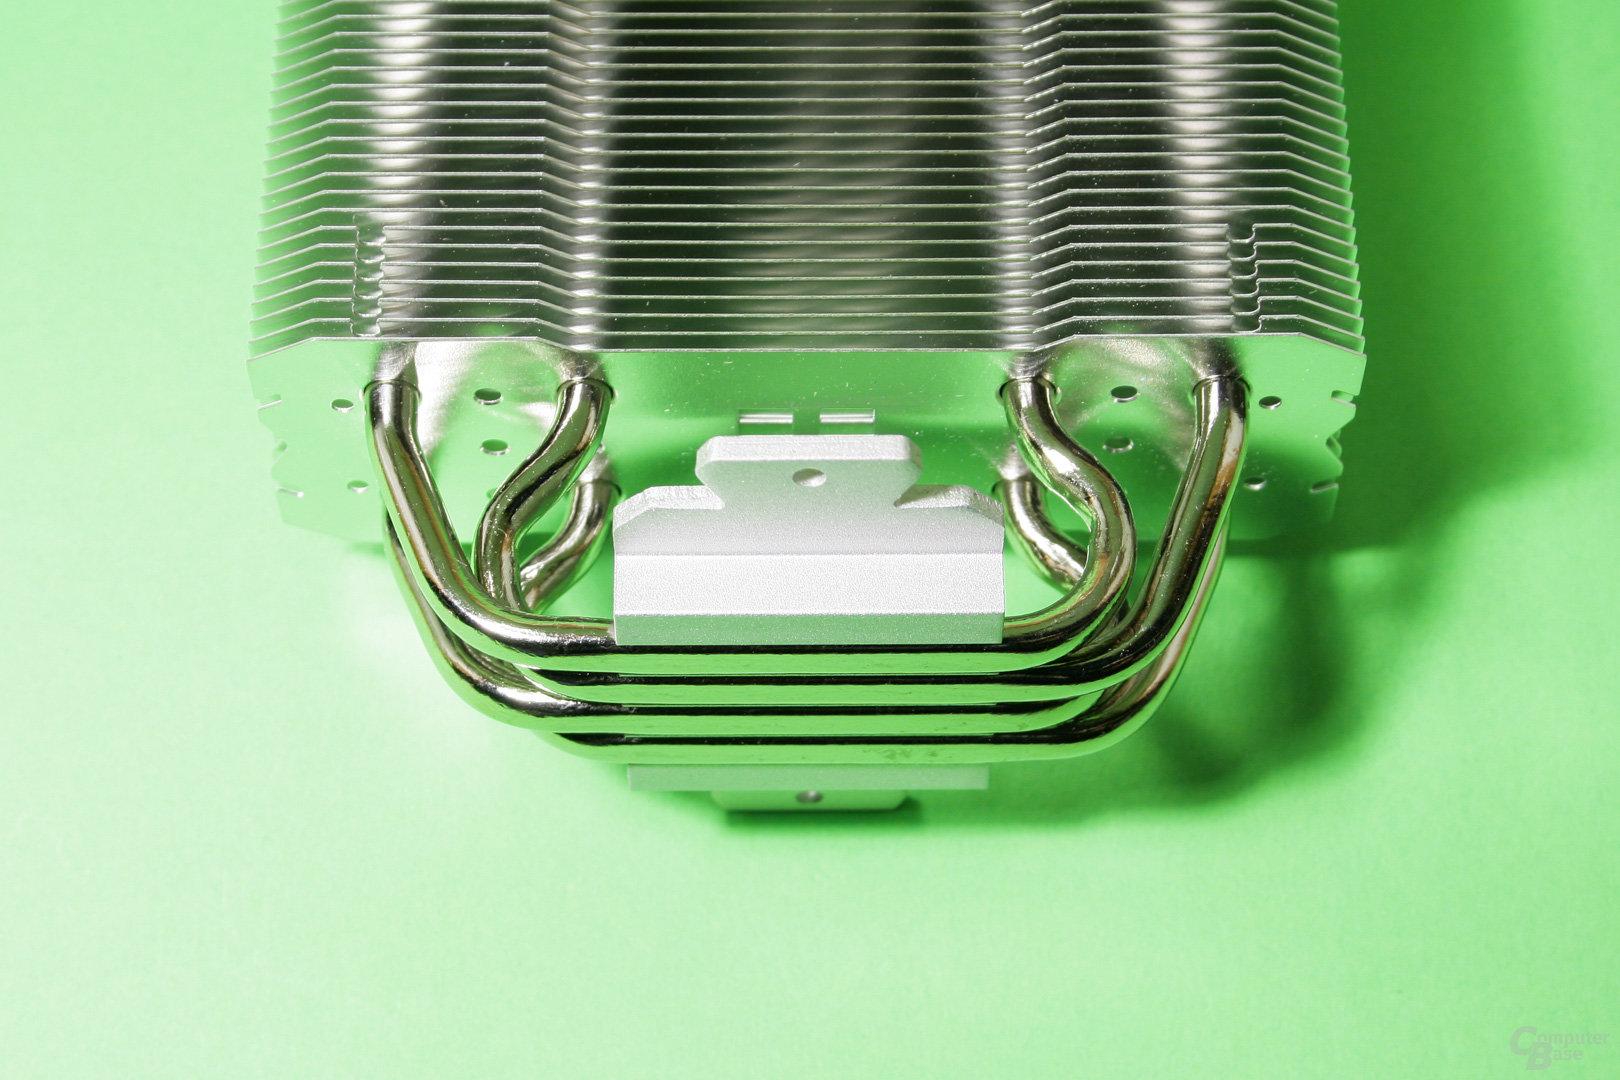 Thermalright verbindet den Kühler per Heatpipe Direct Touch mit dem Prozessor